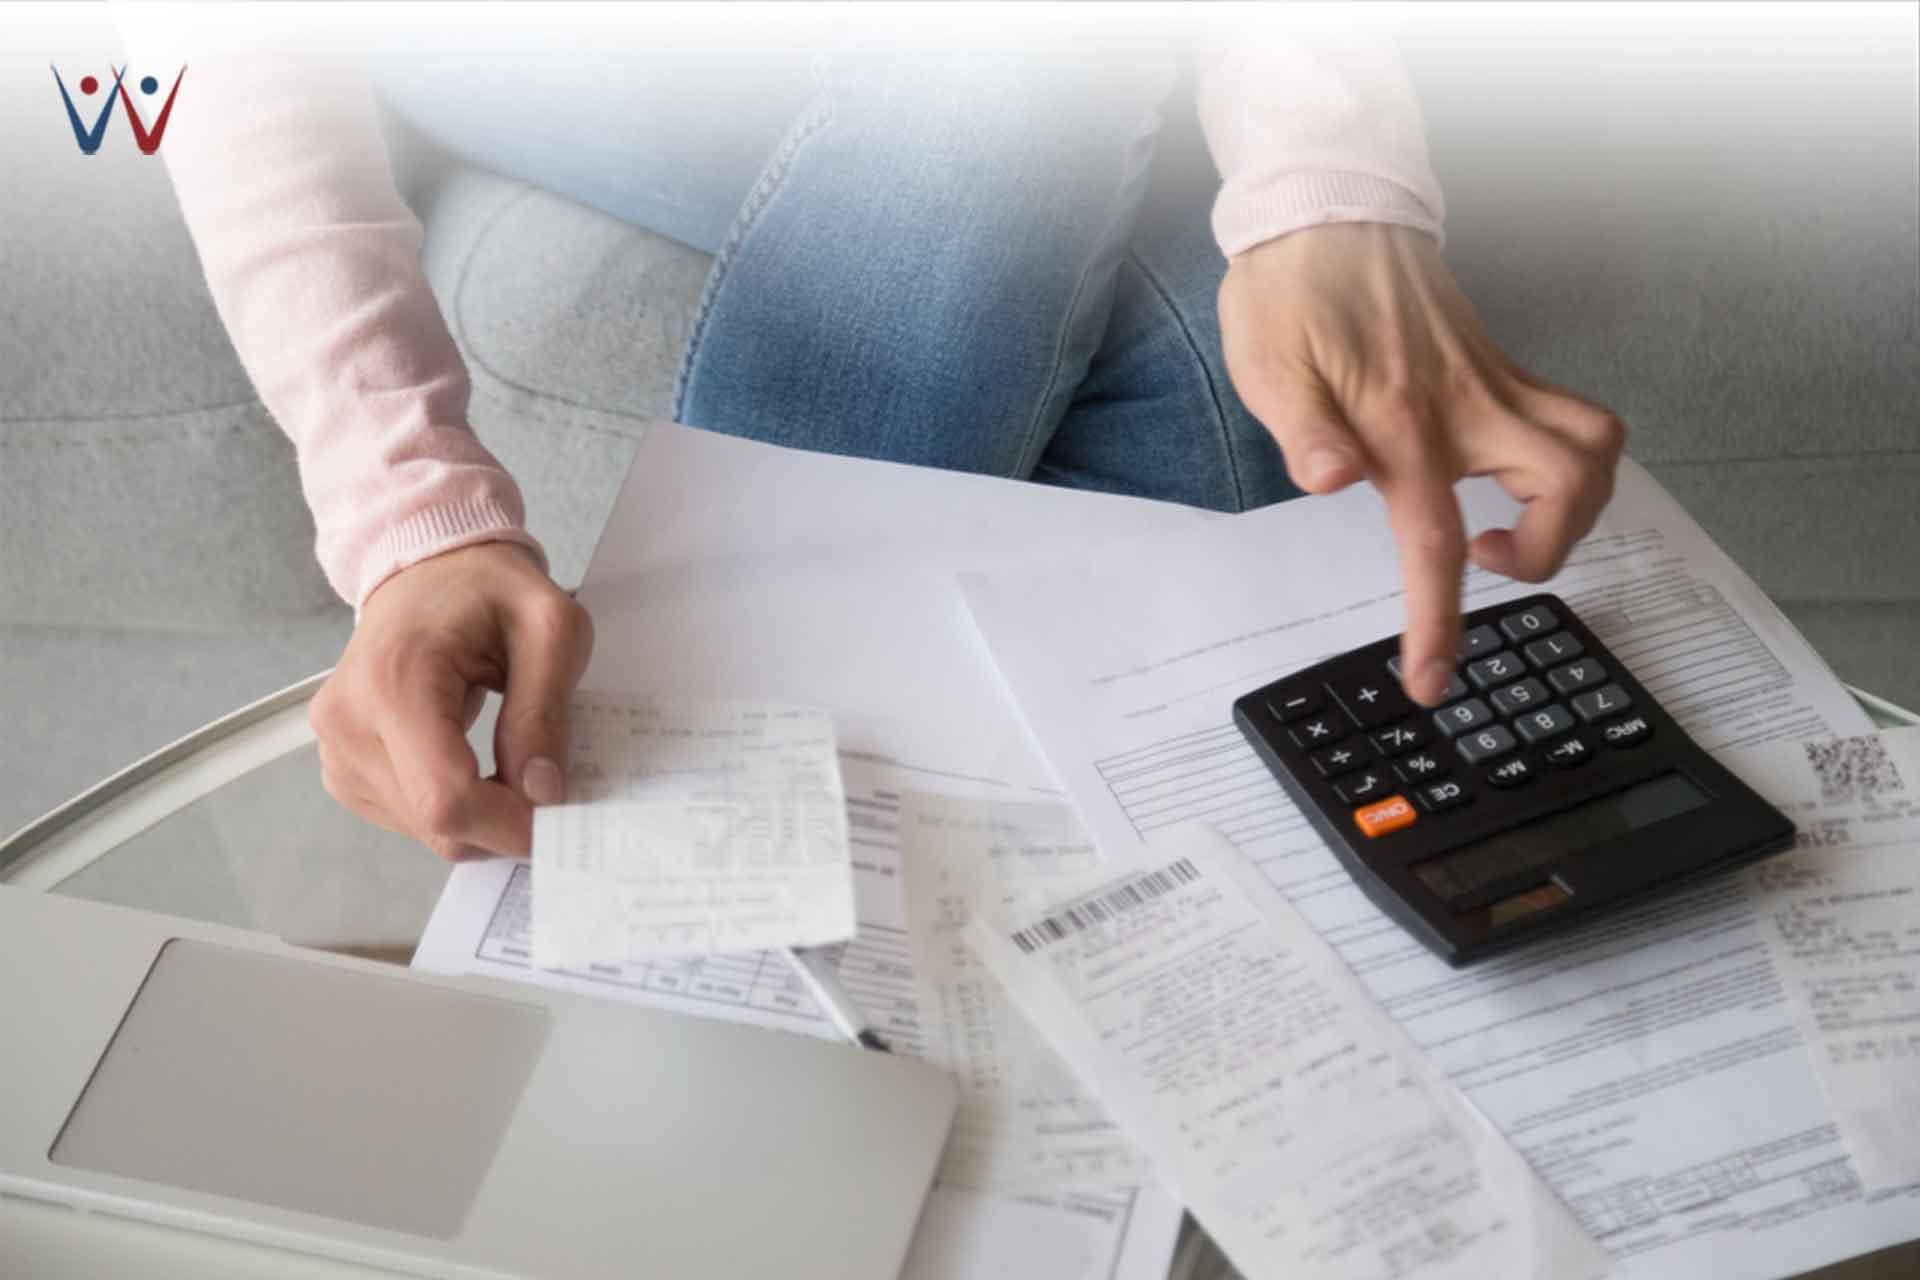 mengatur keuangan - Pencatatan - 4 Cara Kekinian dalam Mengatur Finansial Anda-stres-masalah-keuangan-psbb jakarta